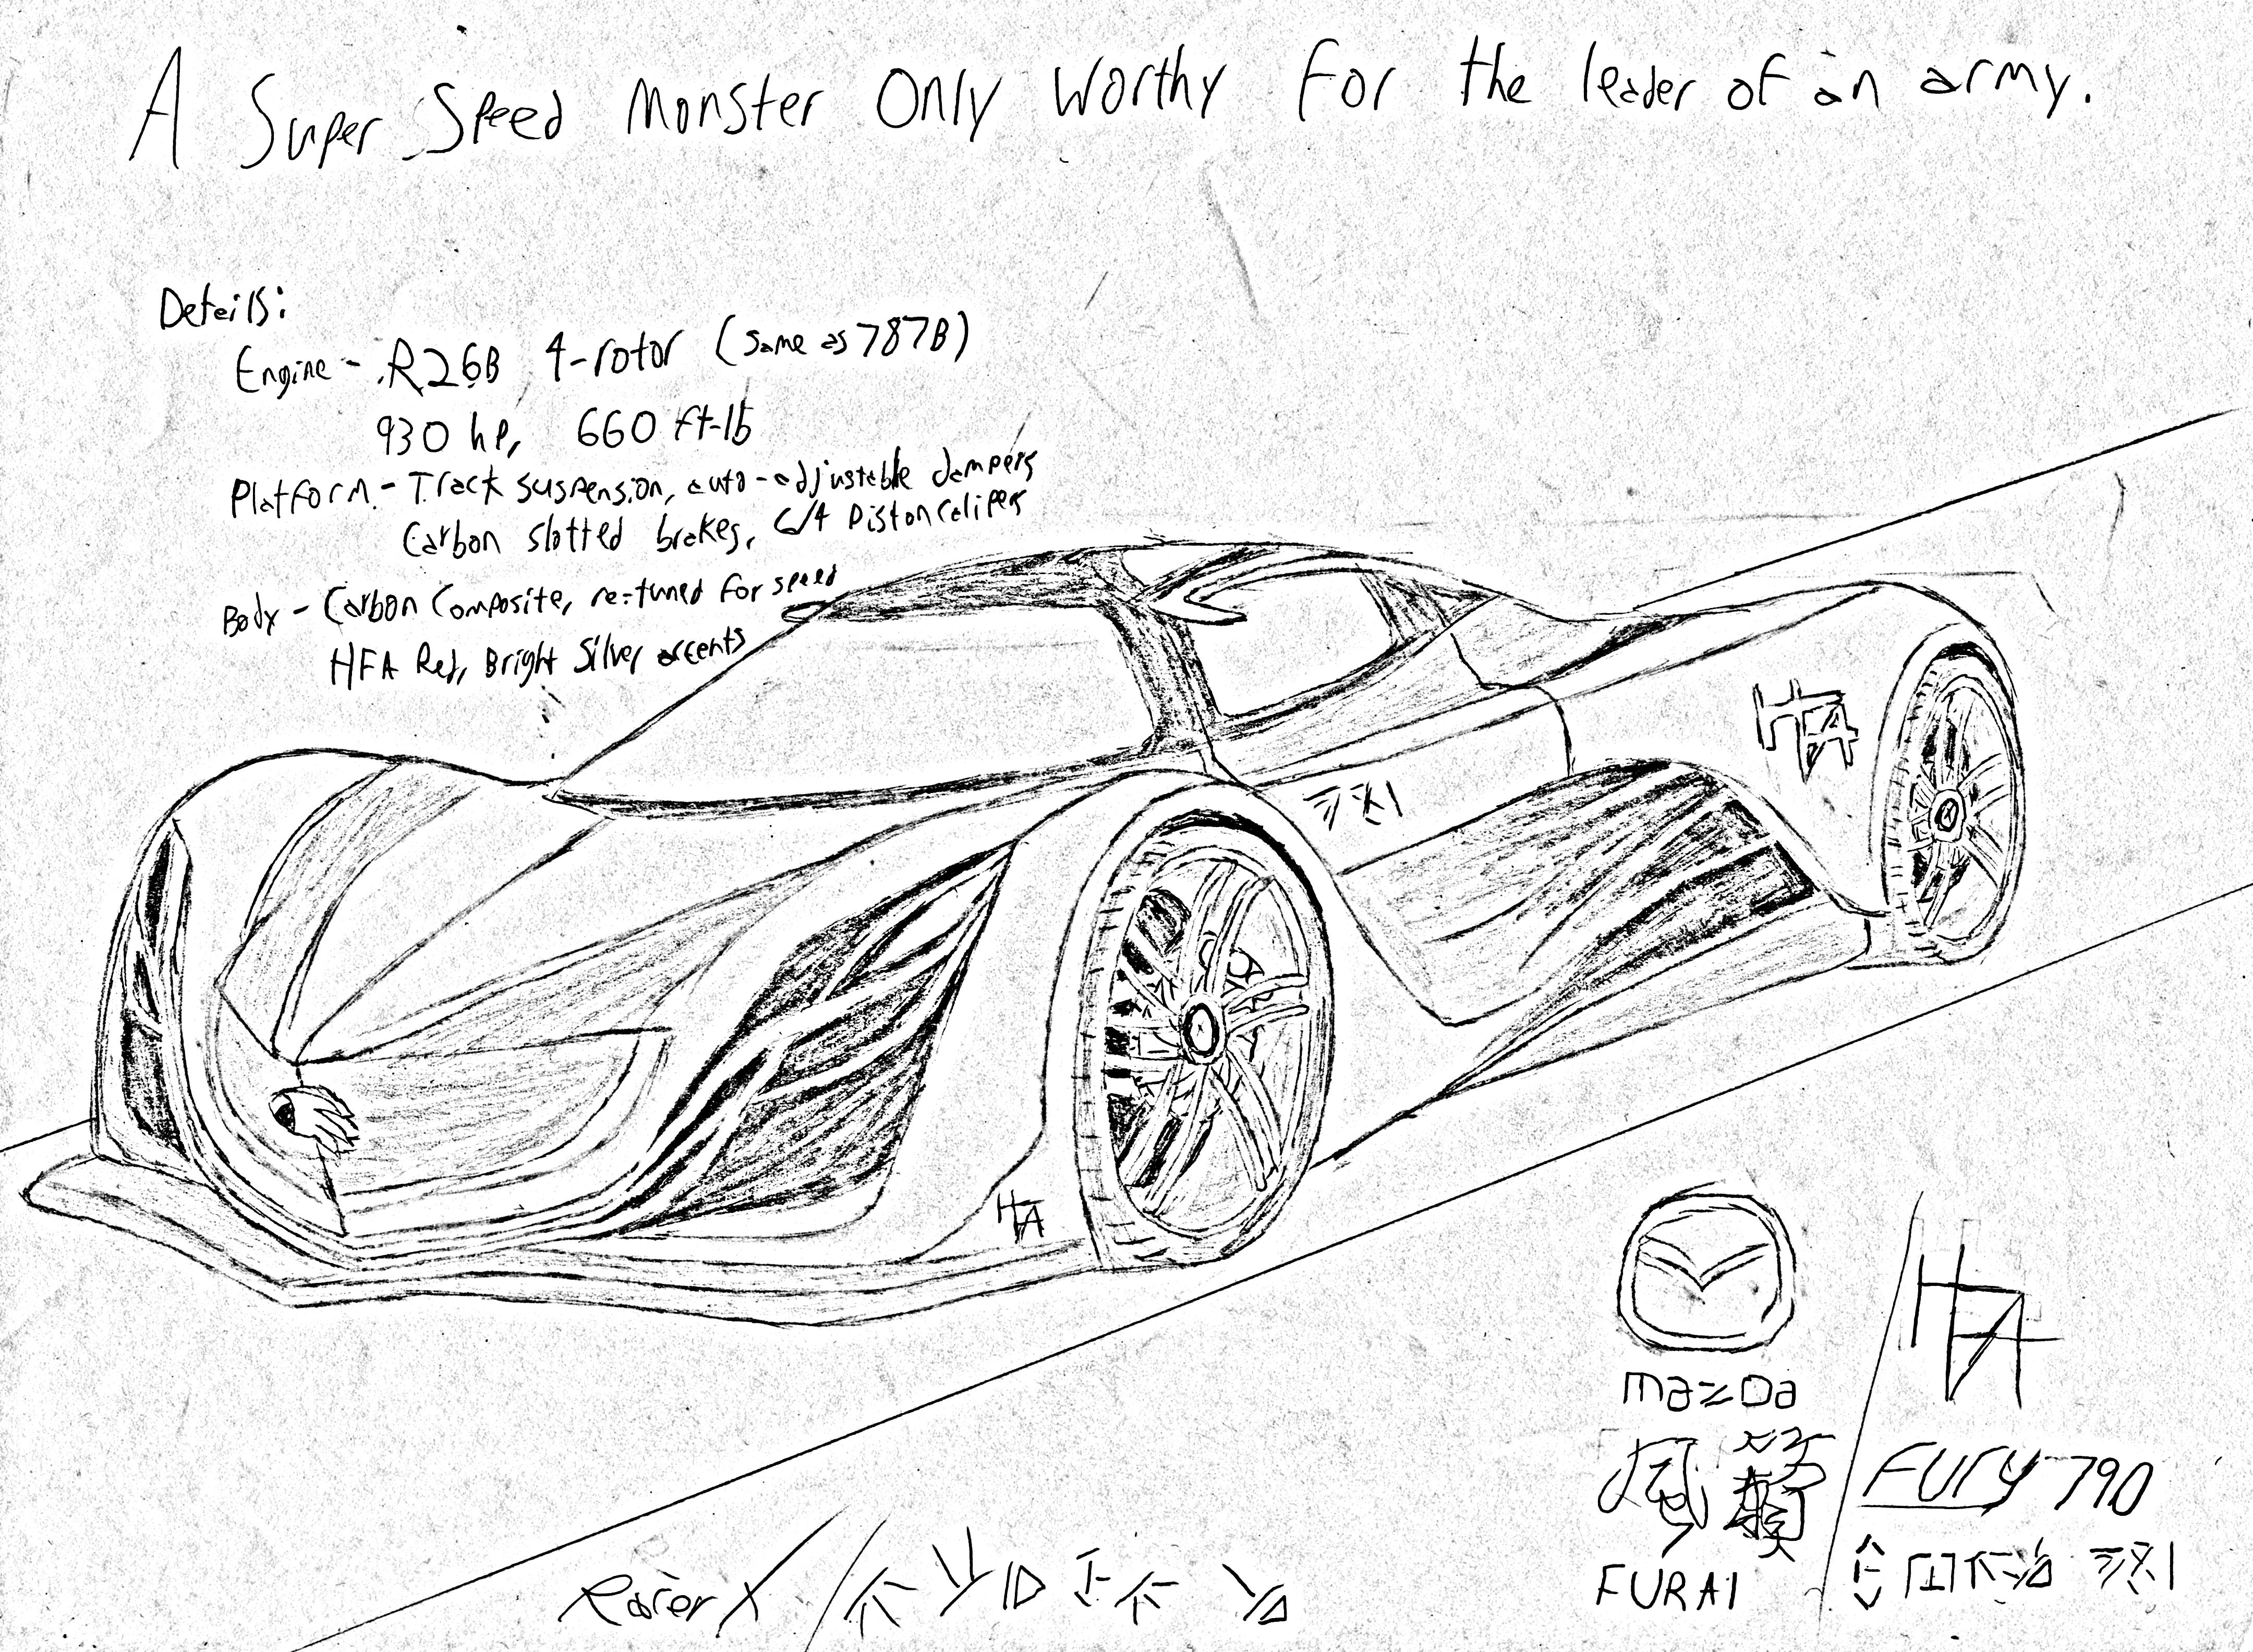 06 moreover Preparation Voiture De Slot Racing also Subaru Rotary Engine in addition Mazda 787 Y 787b Camino De La Victoria En Le Mans likewise Wv6rbgb. on mazda 787b